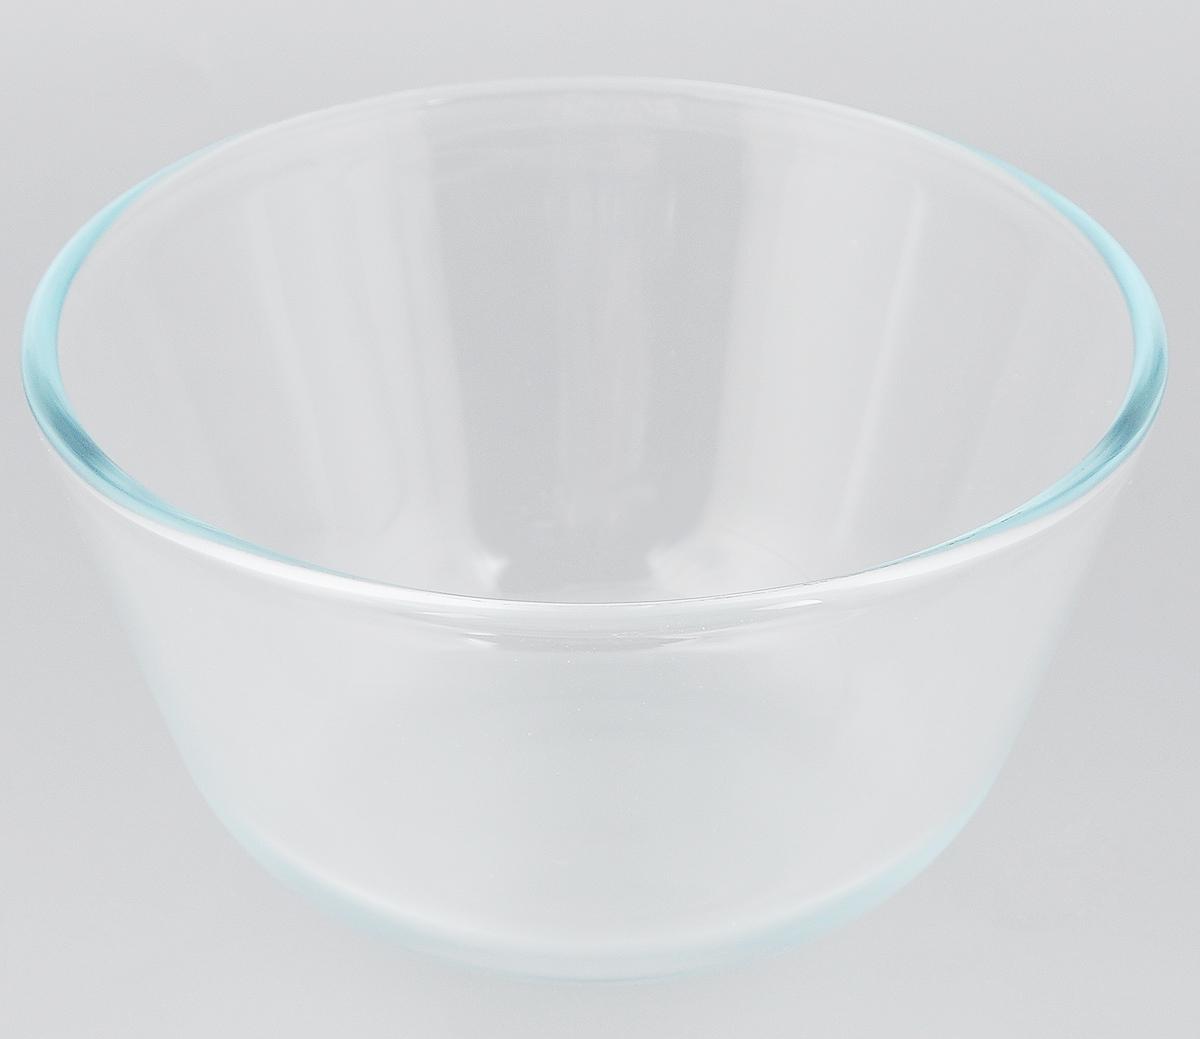 Миска VGP, 1,25 л54 009312Миска VGP изготовлена из термостойкого и экологически чистого стекла. Предназначена для приготовления пищи в духовке, жарочном шкафу и микроволновой печи. Миска прекрасно подойдет для хранения и замораживания различных продуктов, а также для сервировки и декоративного оформления праздничного стола.Миска VGP станет незаменимым аксессуаром на кухне для любой хозяйки.Можно мыть в посудомоечной машине. Высота стенки: 9,5 см. Диаметр миски (по верхнему краю): 17 см.